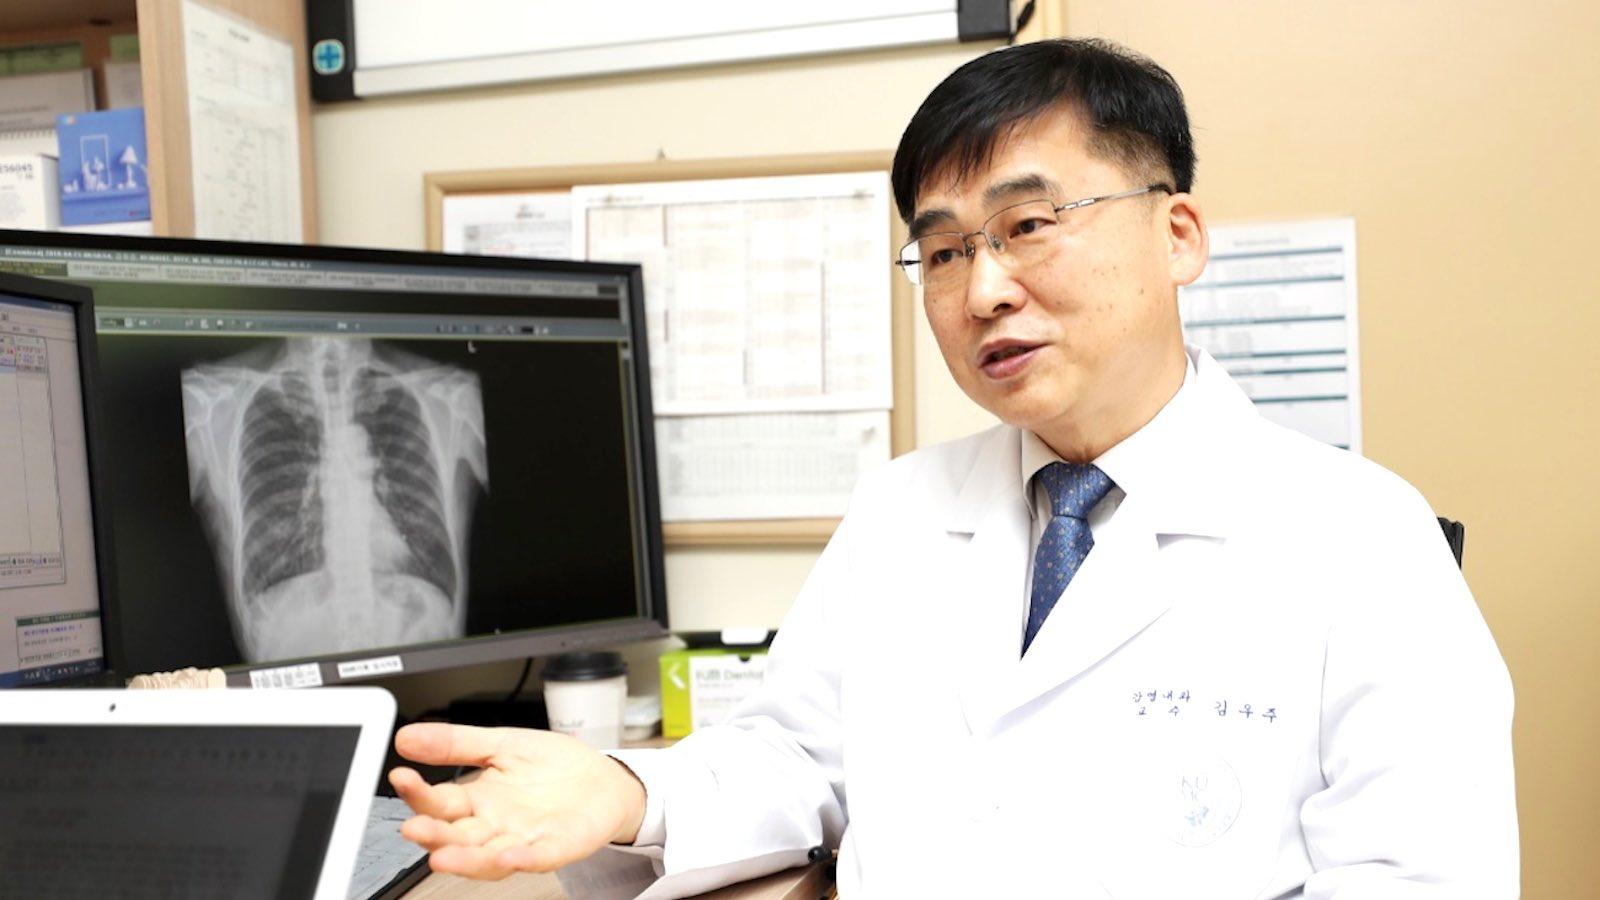 magas vérnyomás Koreában magas vérnyomás esetén a fej nem fájhat